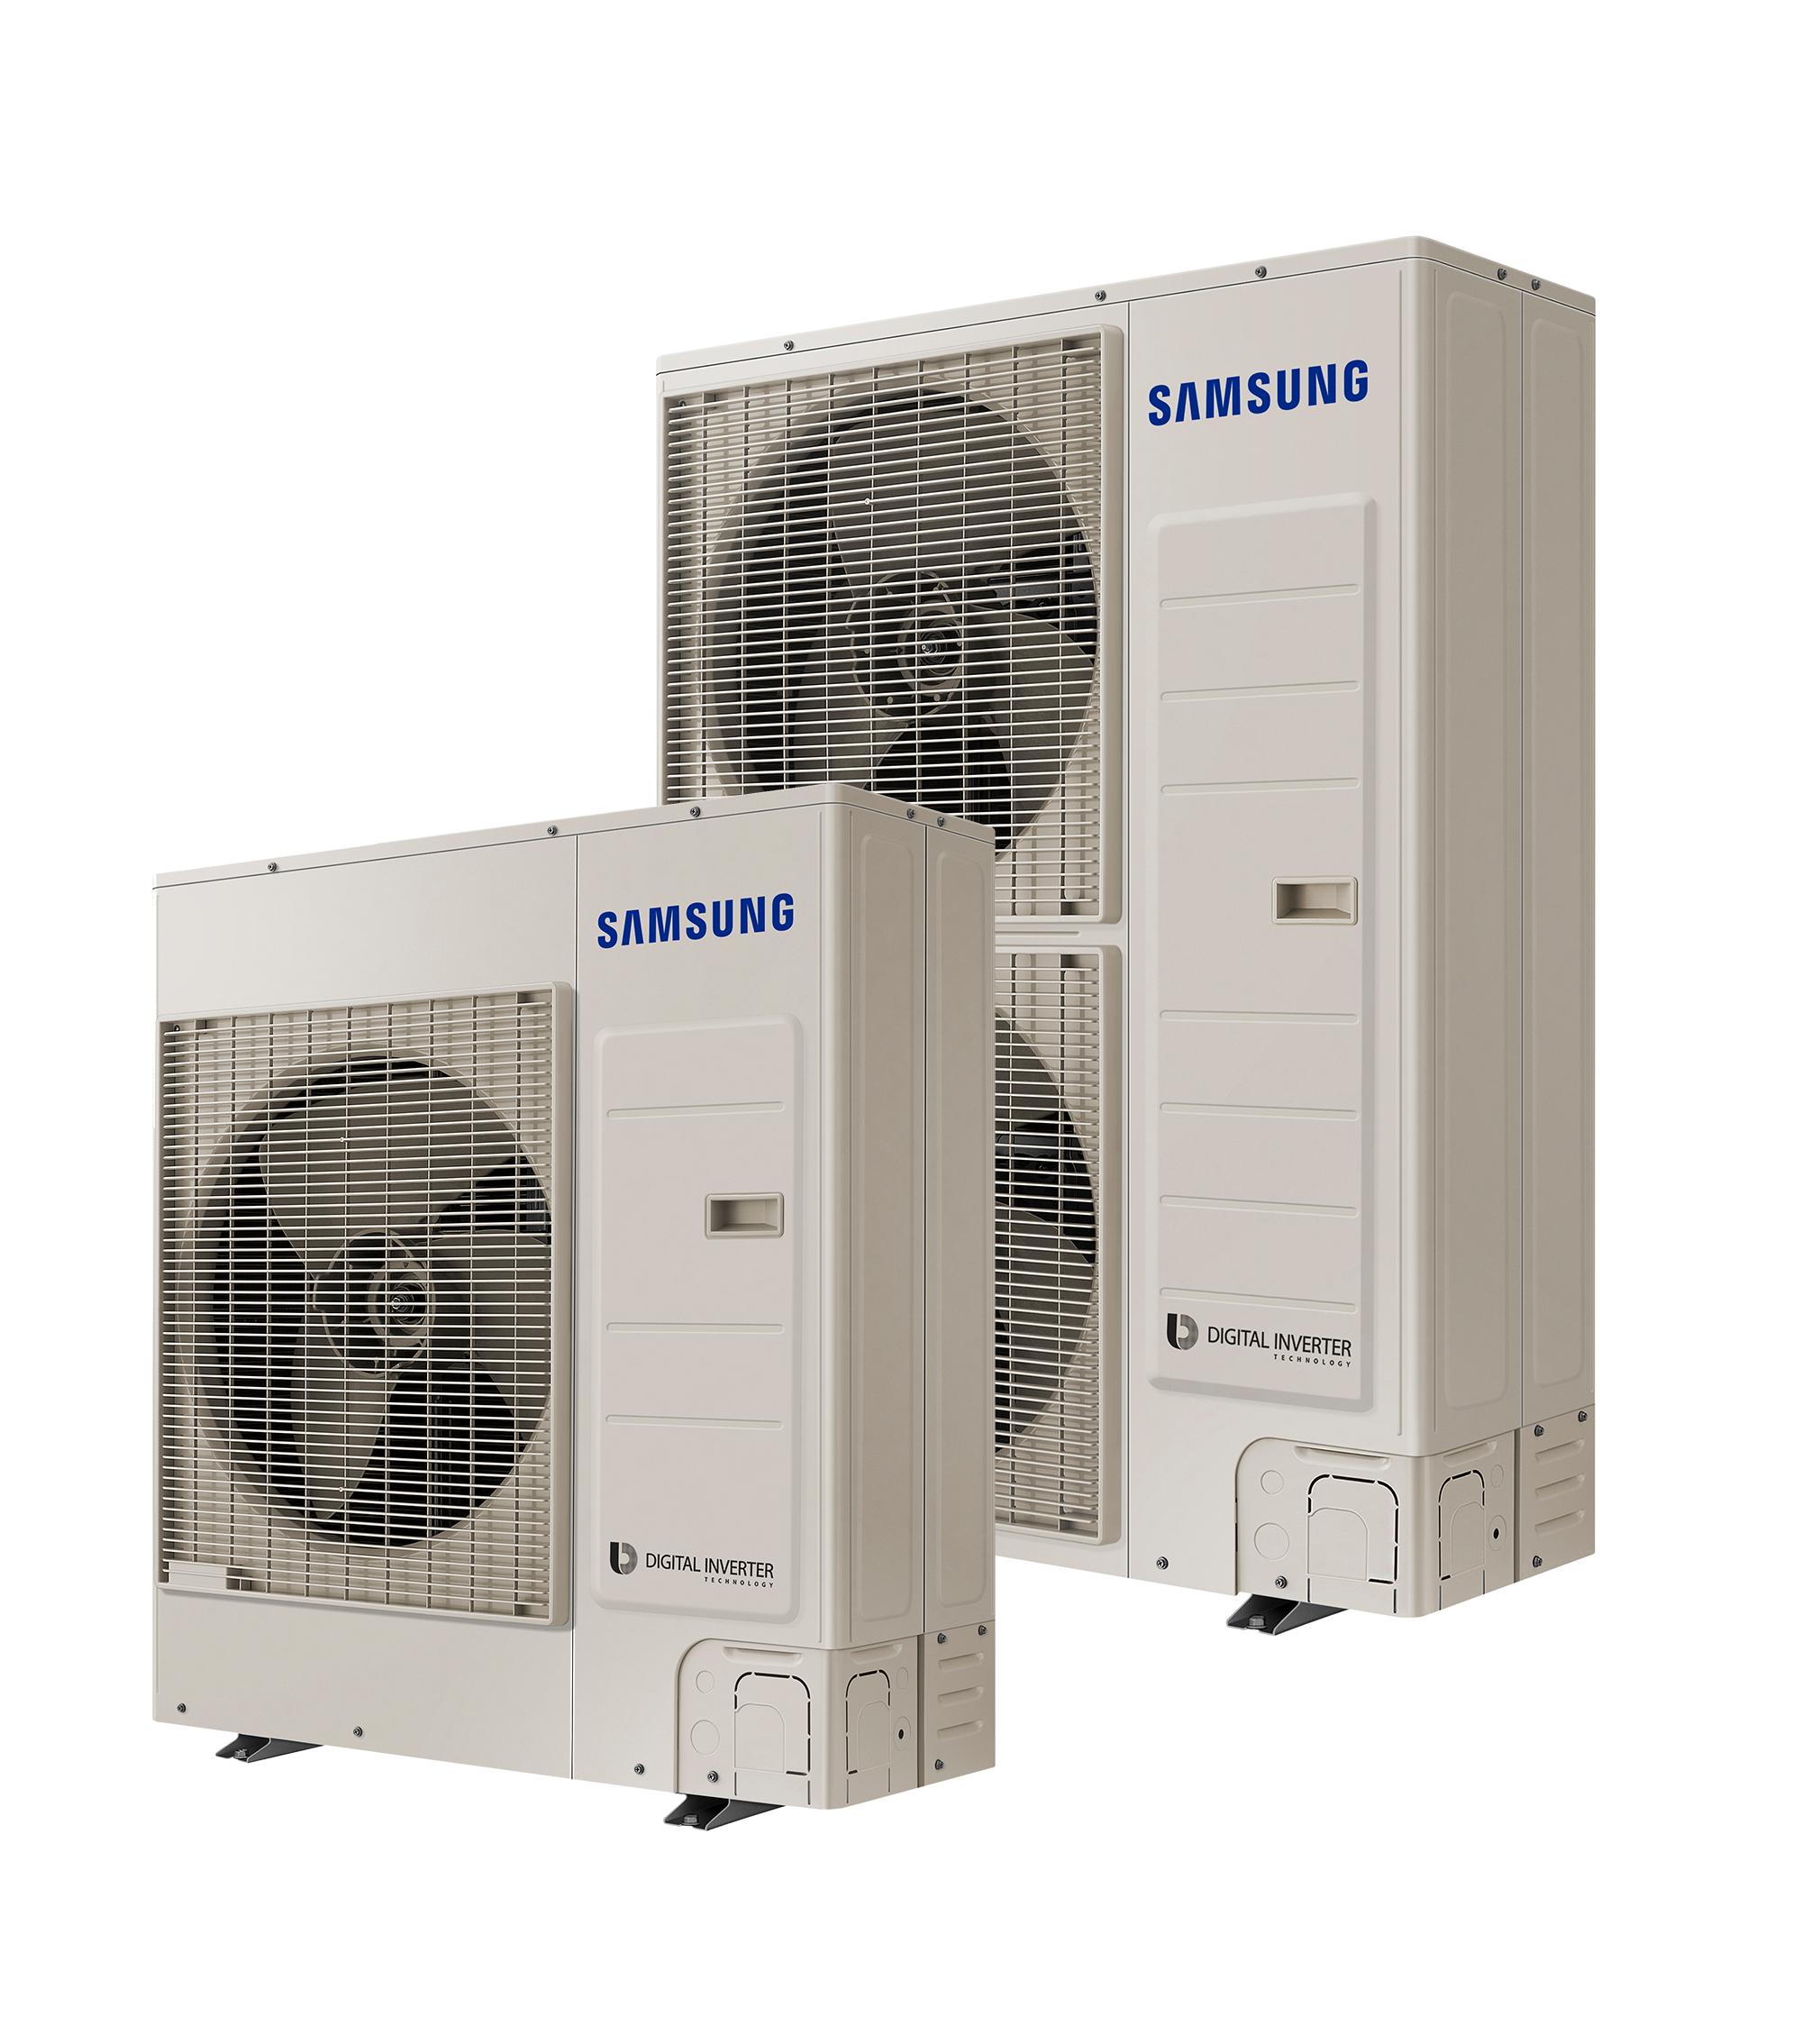 Samsung GEN 5 Air Source Heat Pump